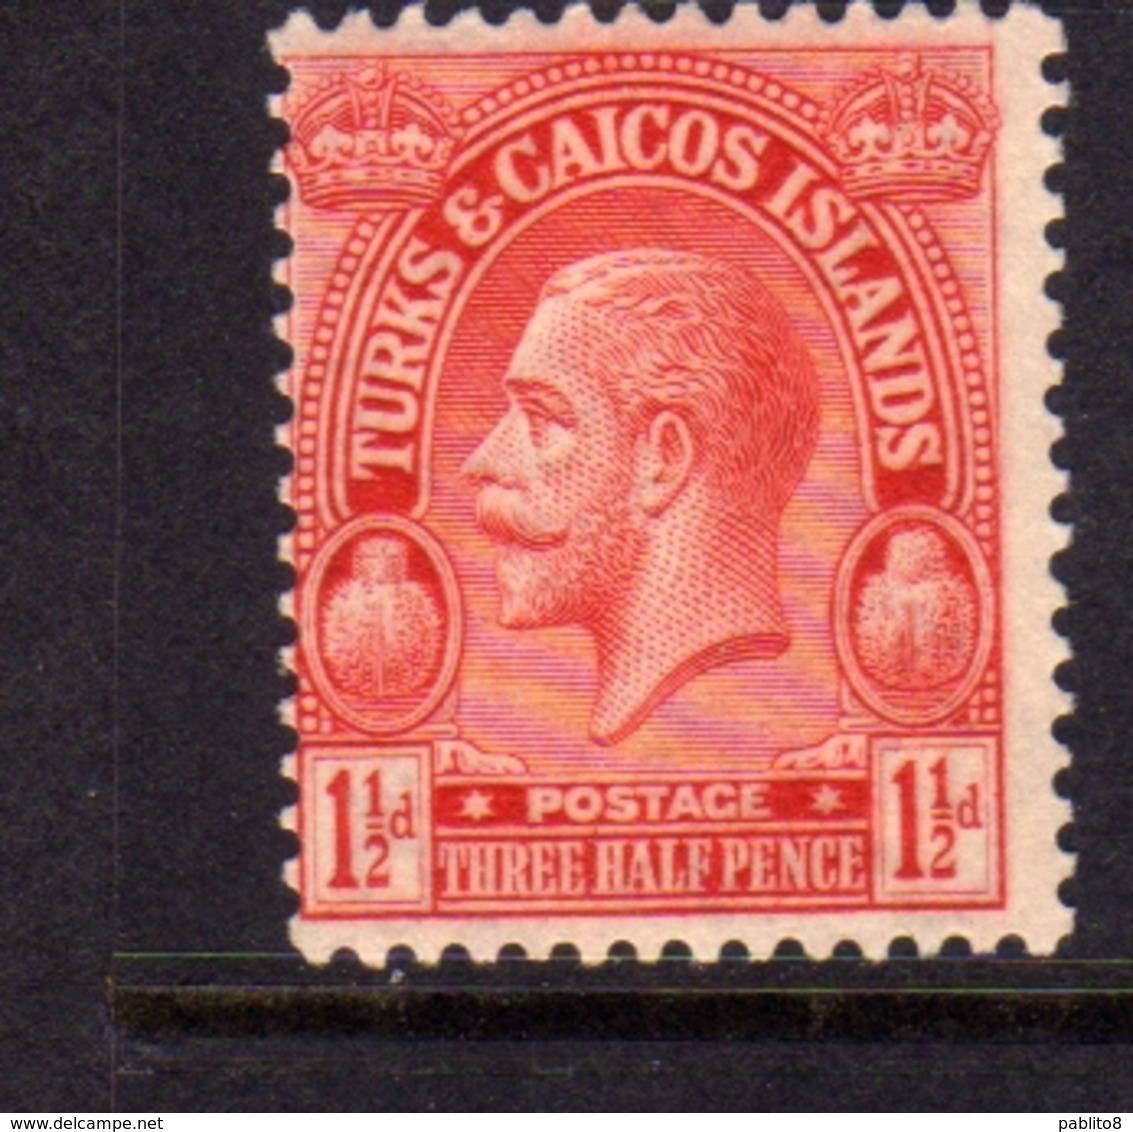 TURKS AND CAICOS 1922 1926 1925 KING GEORGE V RE GIORGIO 1 1/2p MNH - Turks E Caicos